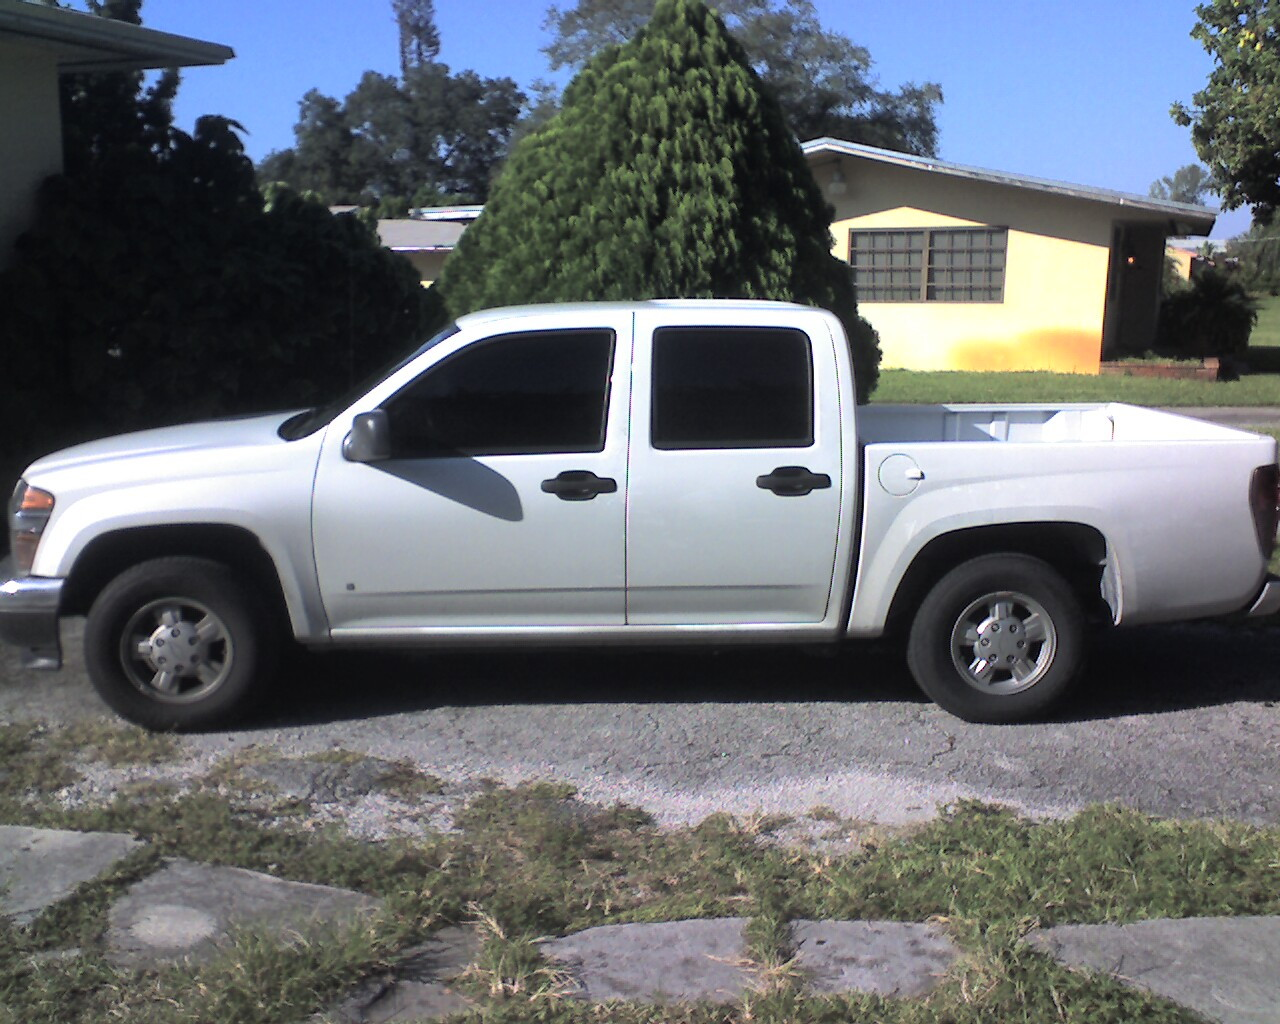 2007 Chevy Colorado Crew Cab